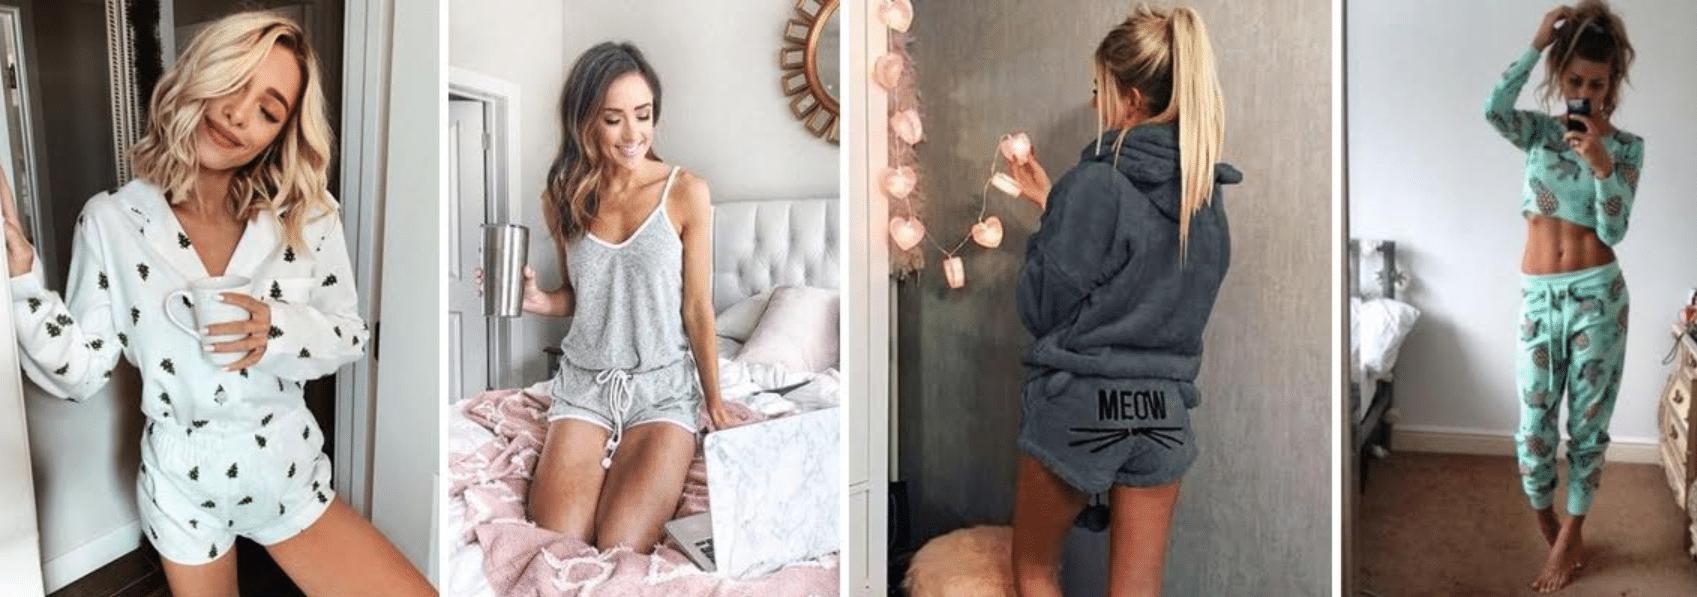 imagens de quatro mulheres usando pijamas em suas casas